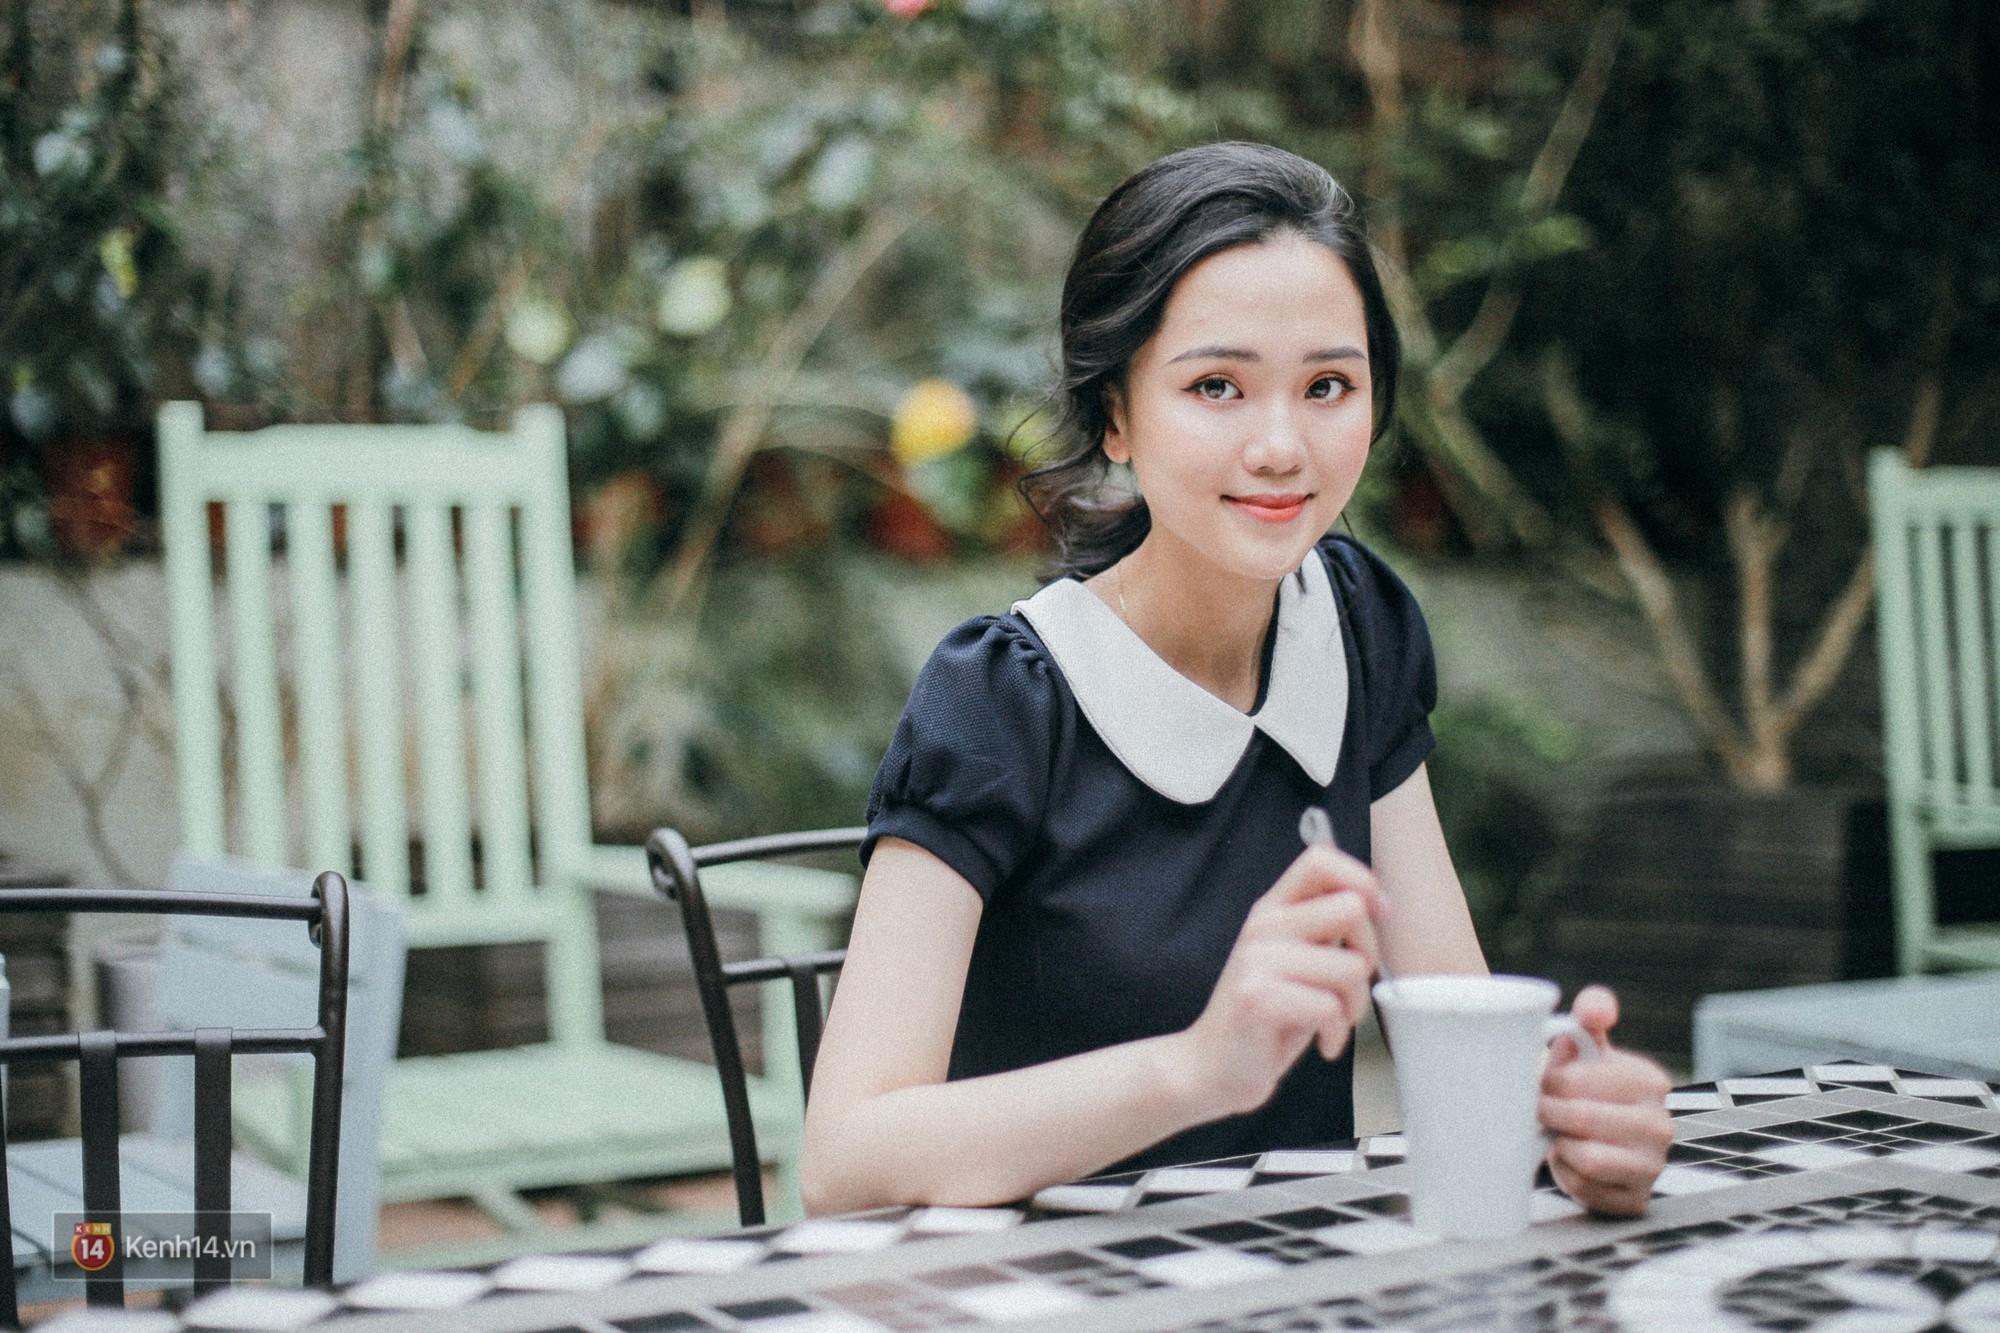 """Gặp cô bạn gái xinh xắn, """"lầy lội"""" của Duy Mạnh U23: Sáng tác cả truyện chế, ship người yêu với Đình Trọng, Tiến Dũng - Ảnh 12."""